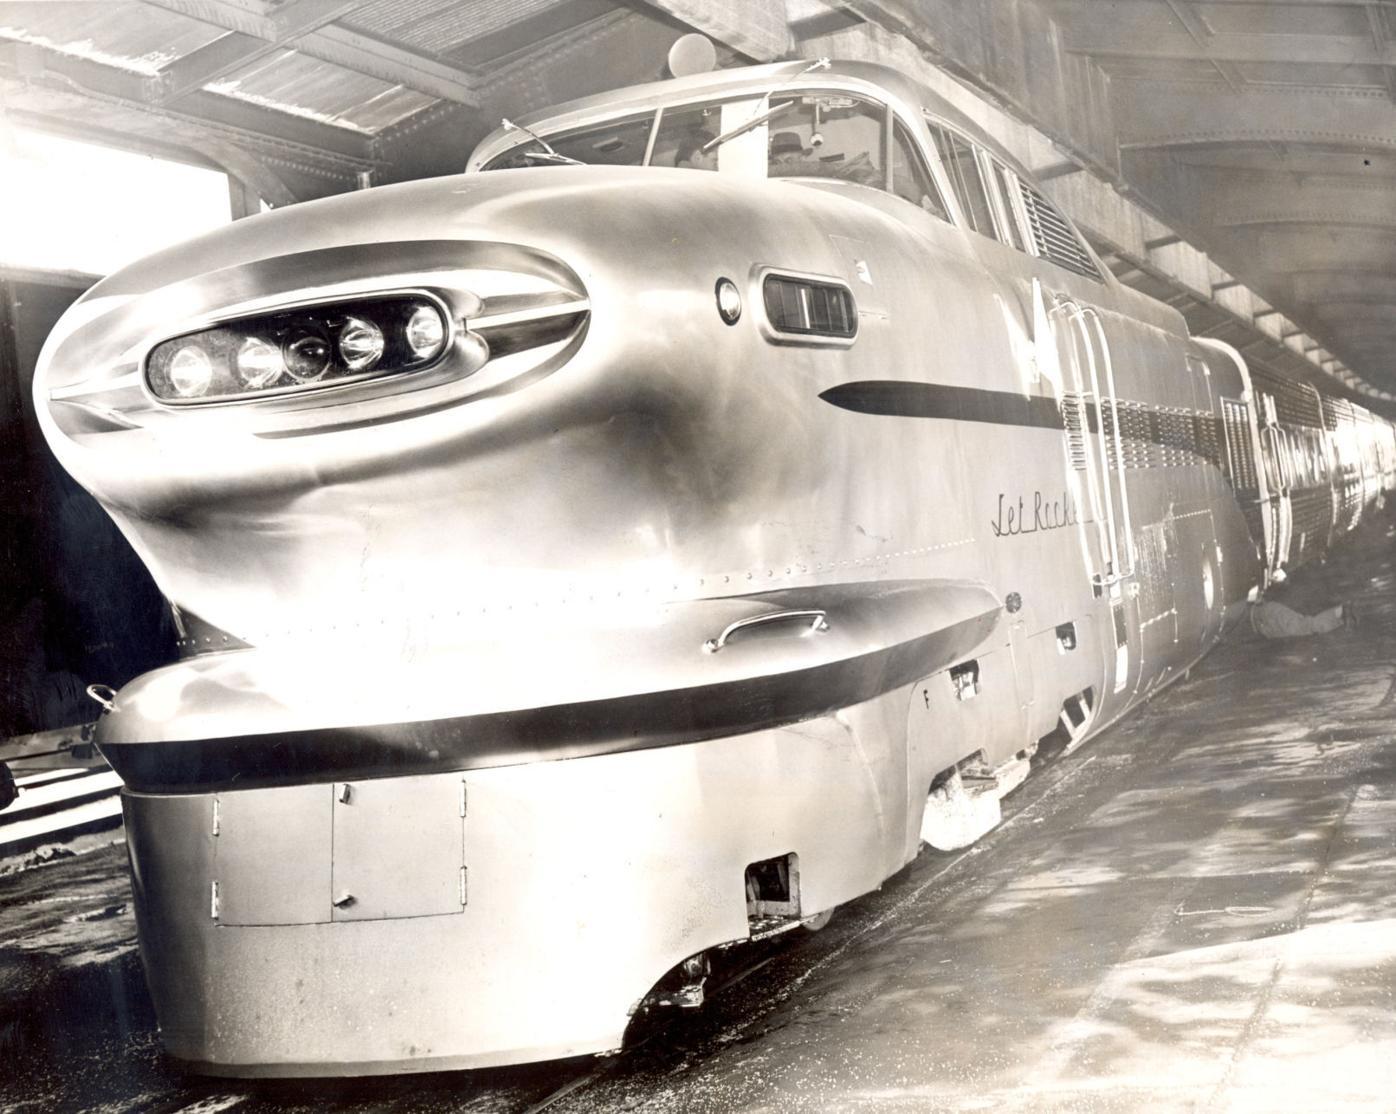 train_tt012321dayinhistory_p1